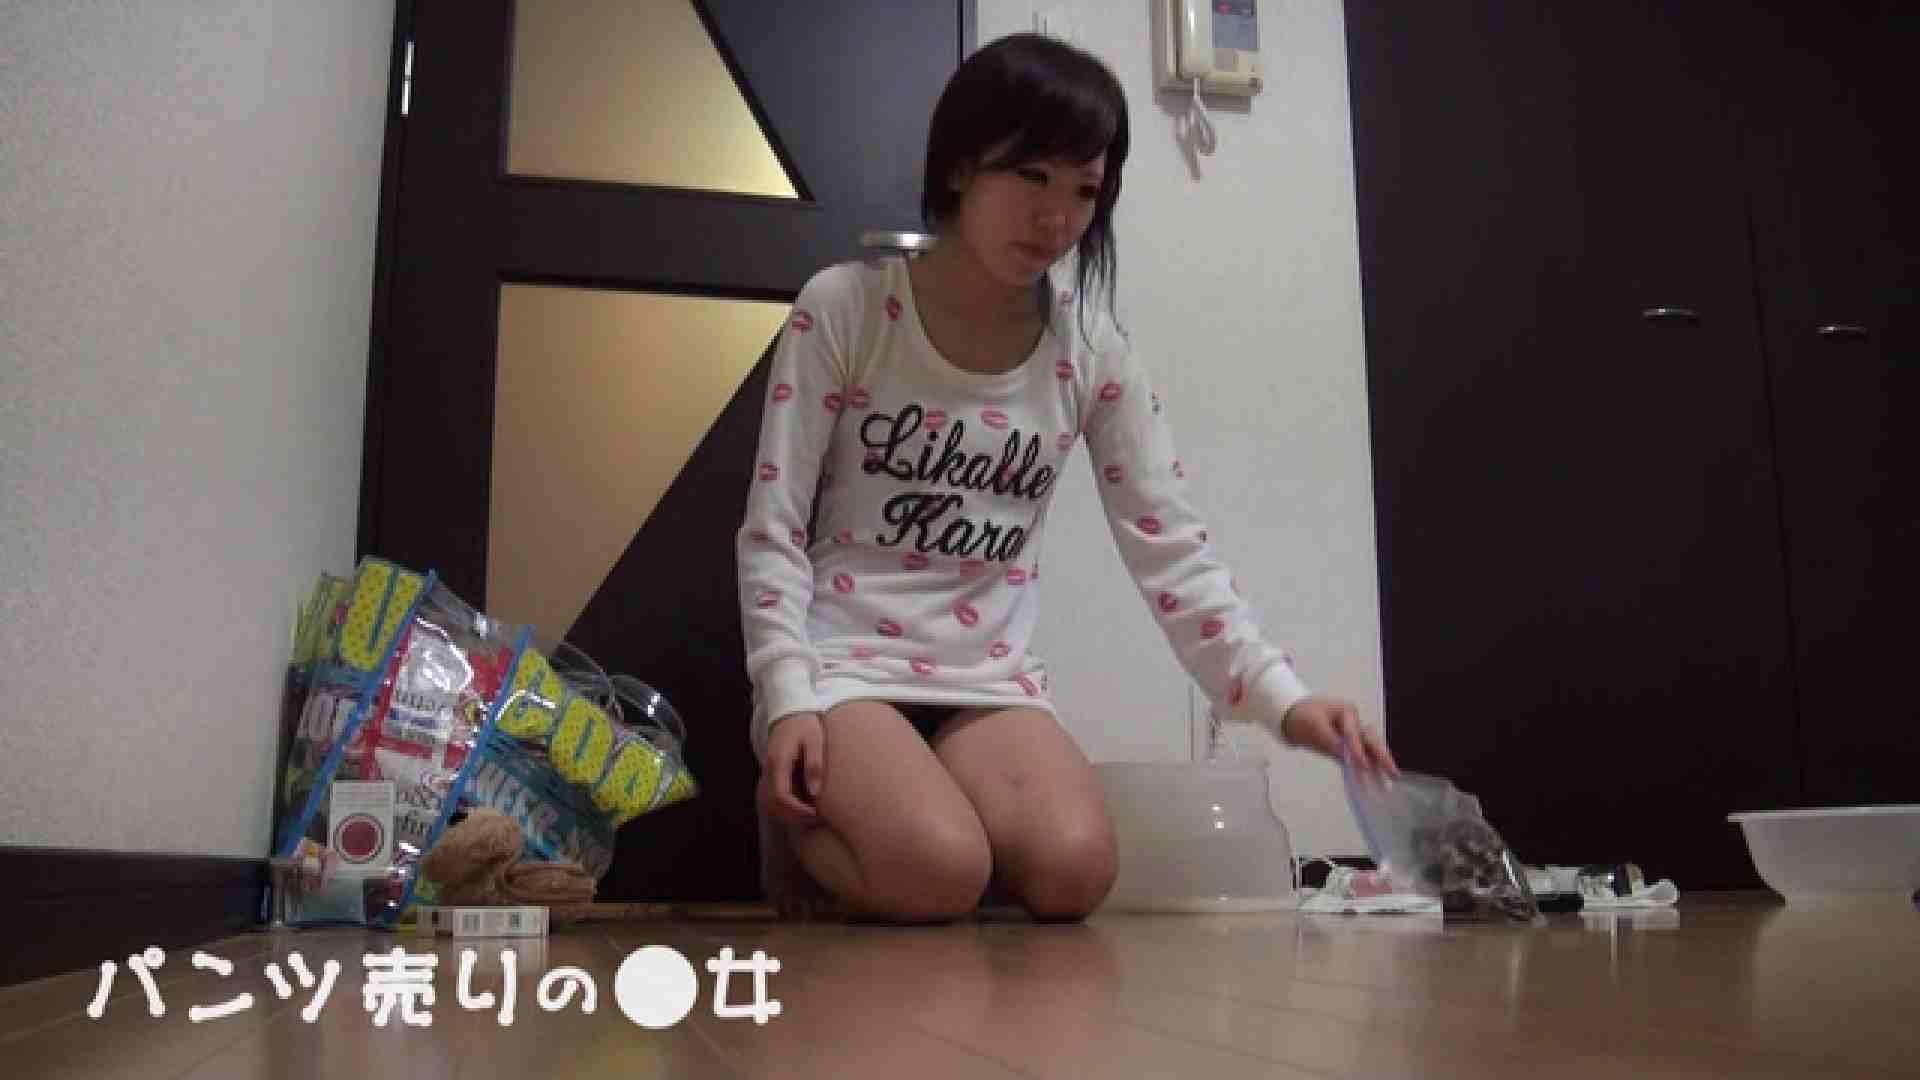 新説 パンツ売りの女の子nana パンツ  36連発 36